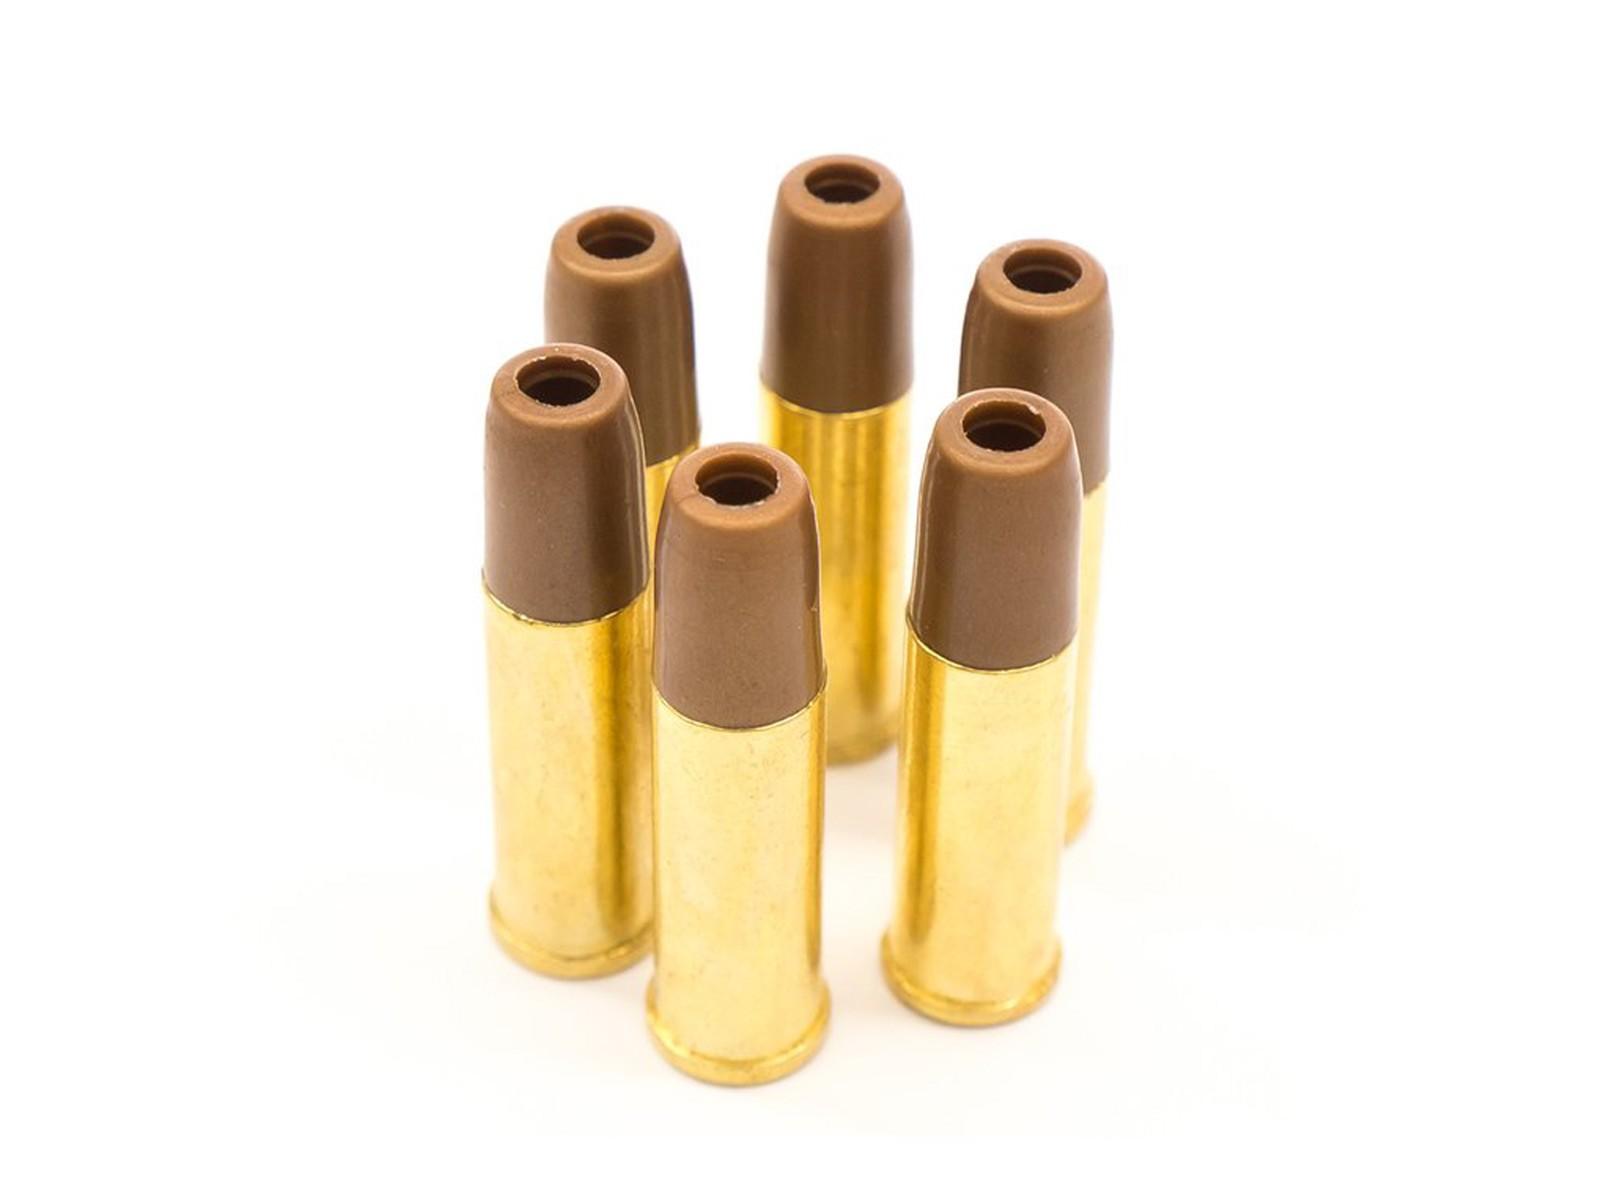 Black Ops Exterminator BB Revolver Shells, .177 cal, 6ct